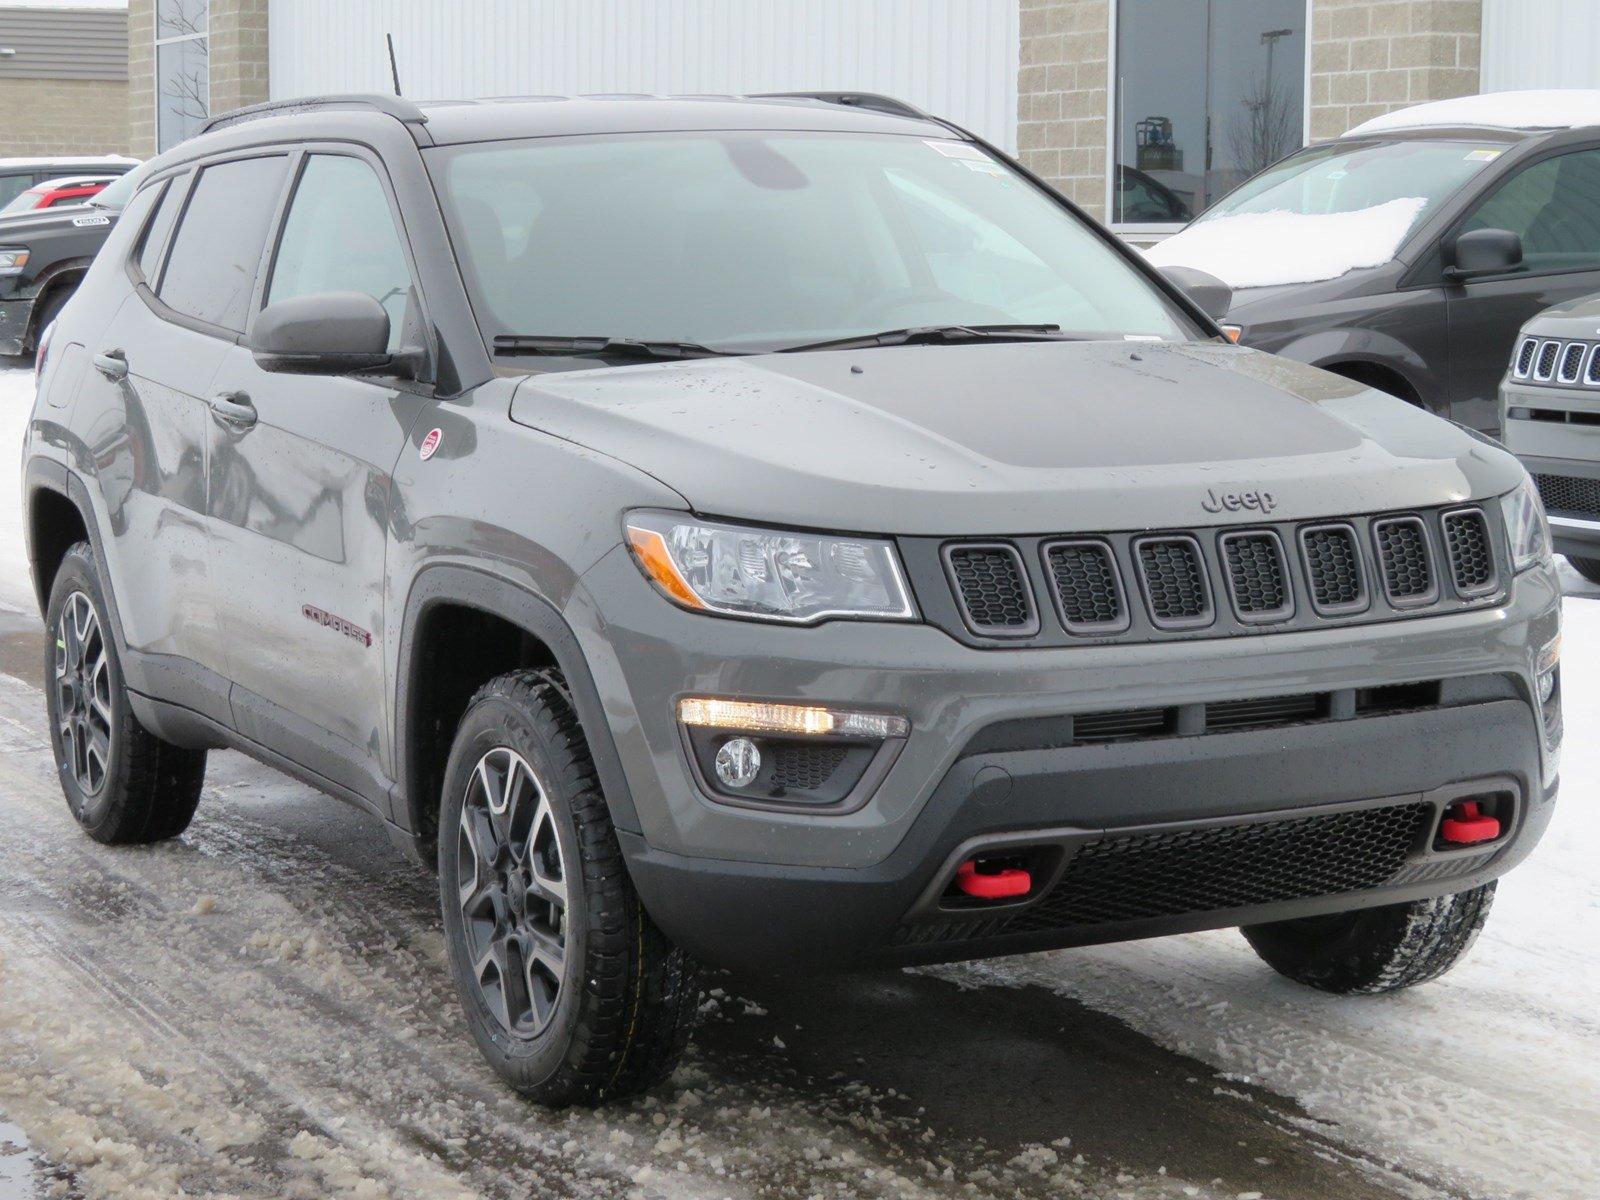 Betten Baker Coopersville >> Featured New Vehicles | Betten Baker Chrysler Dodge Jeep ...